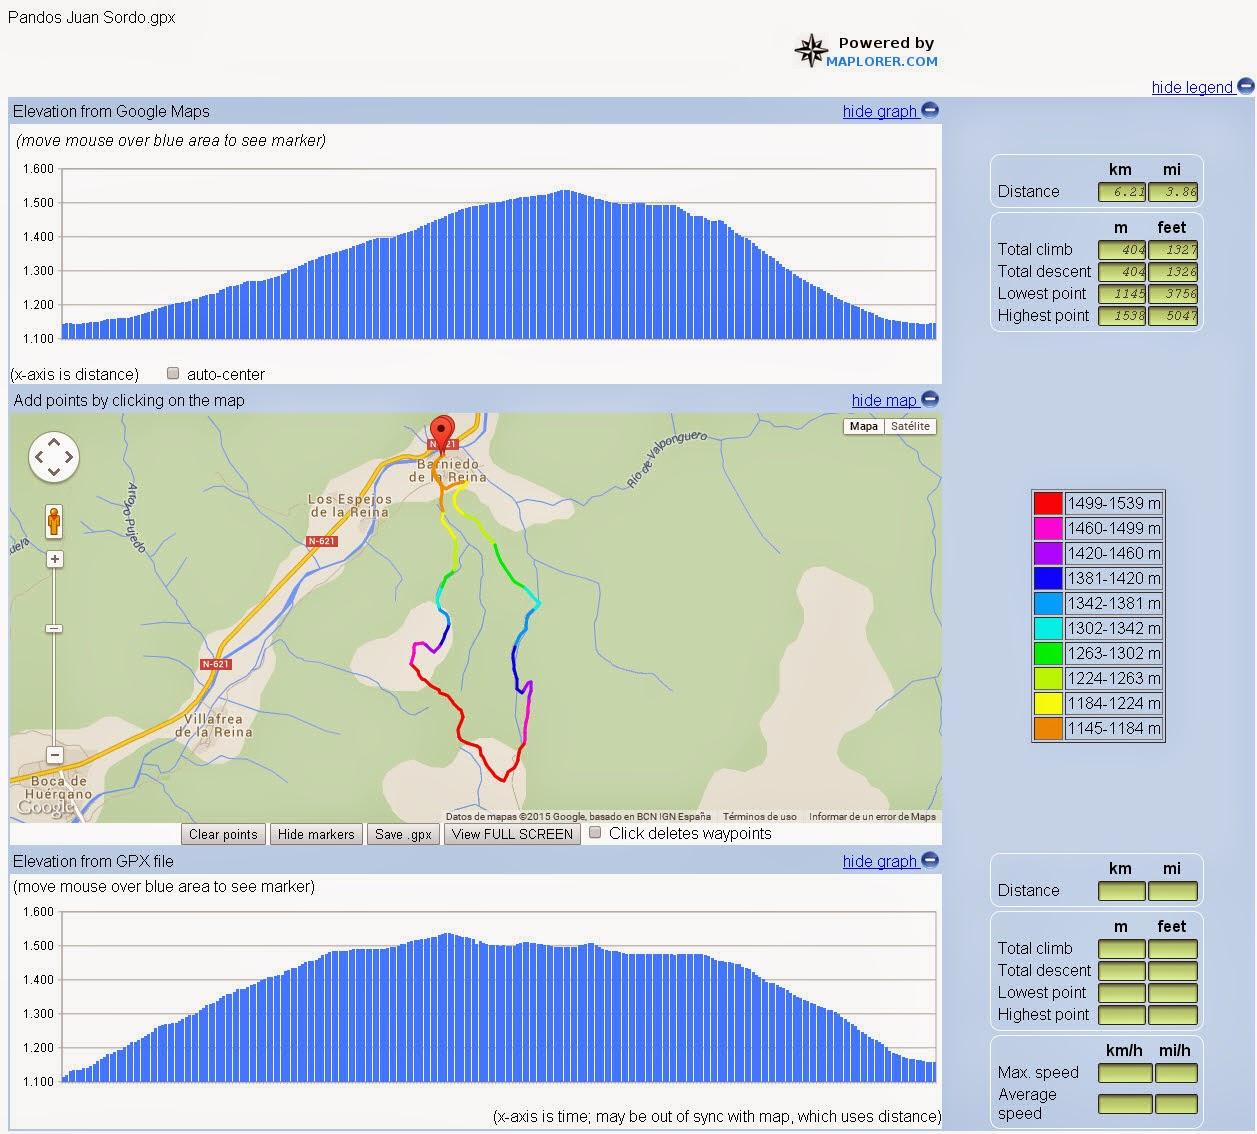 los perfiles de elevaci n se muestran basados tanto en google maps como en los datos del track si tiene datos de elevaci n v lidos  [ 1257 x 1134 Pixel ]